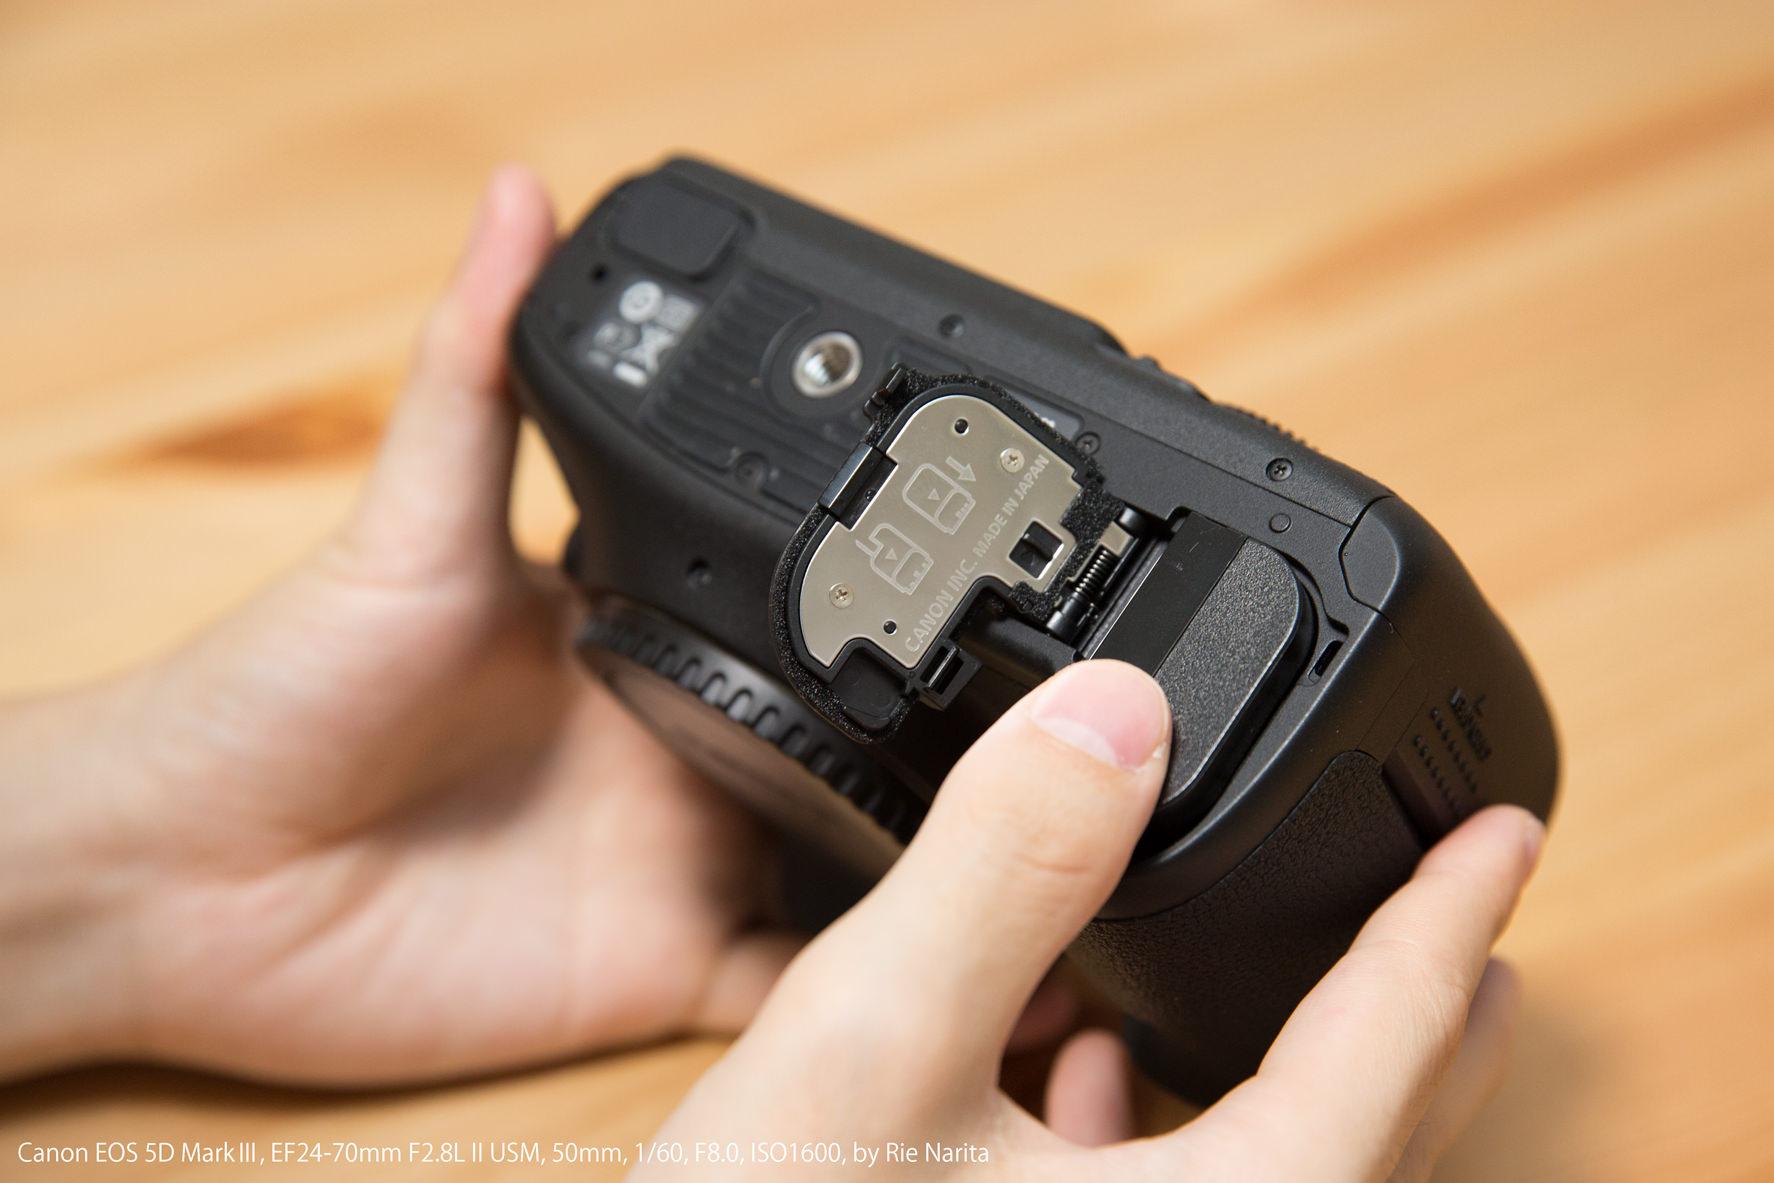 カメラボディの電池室にバッテリーを装着しているところ